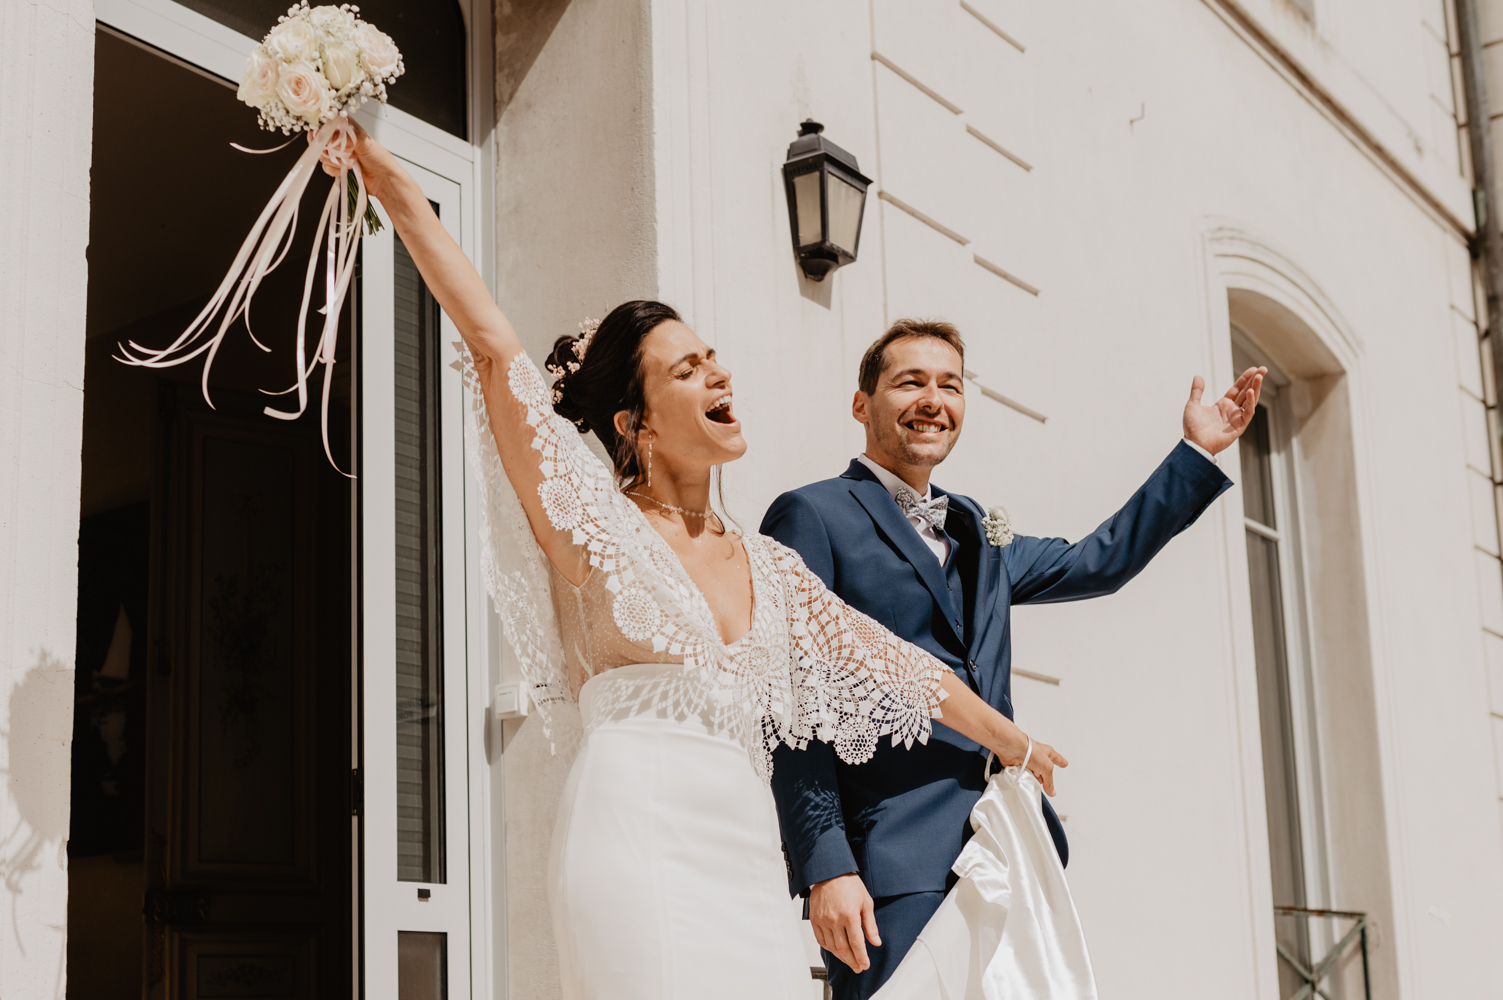 mariage civil louvres paris - seance photo couple mariage paris - photographe mariage yvelines - leslie photographie